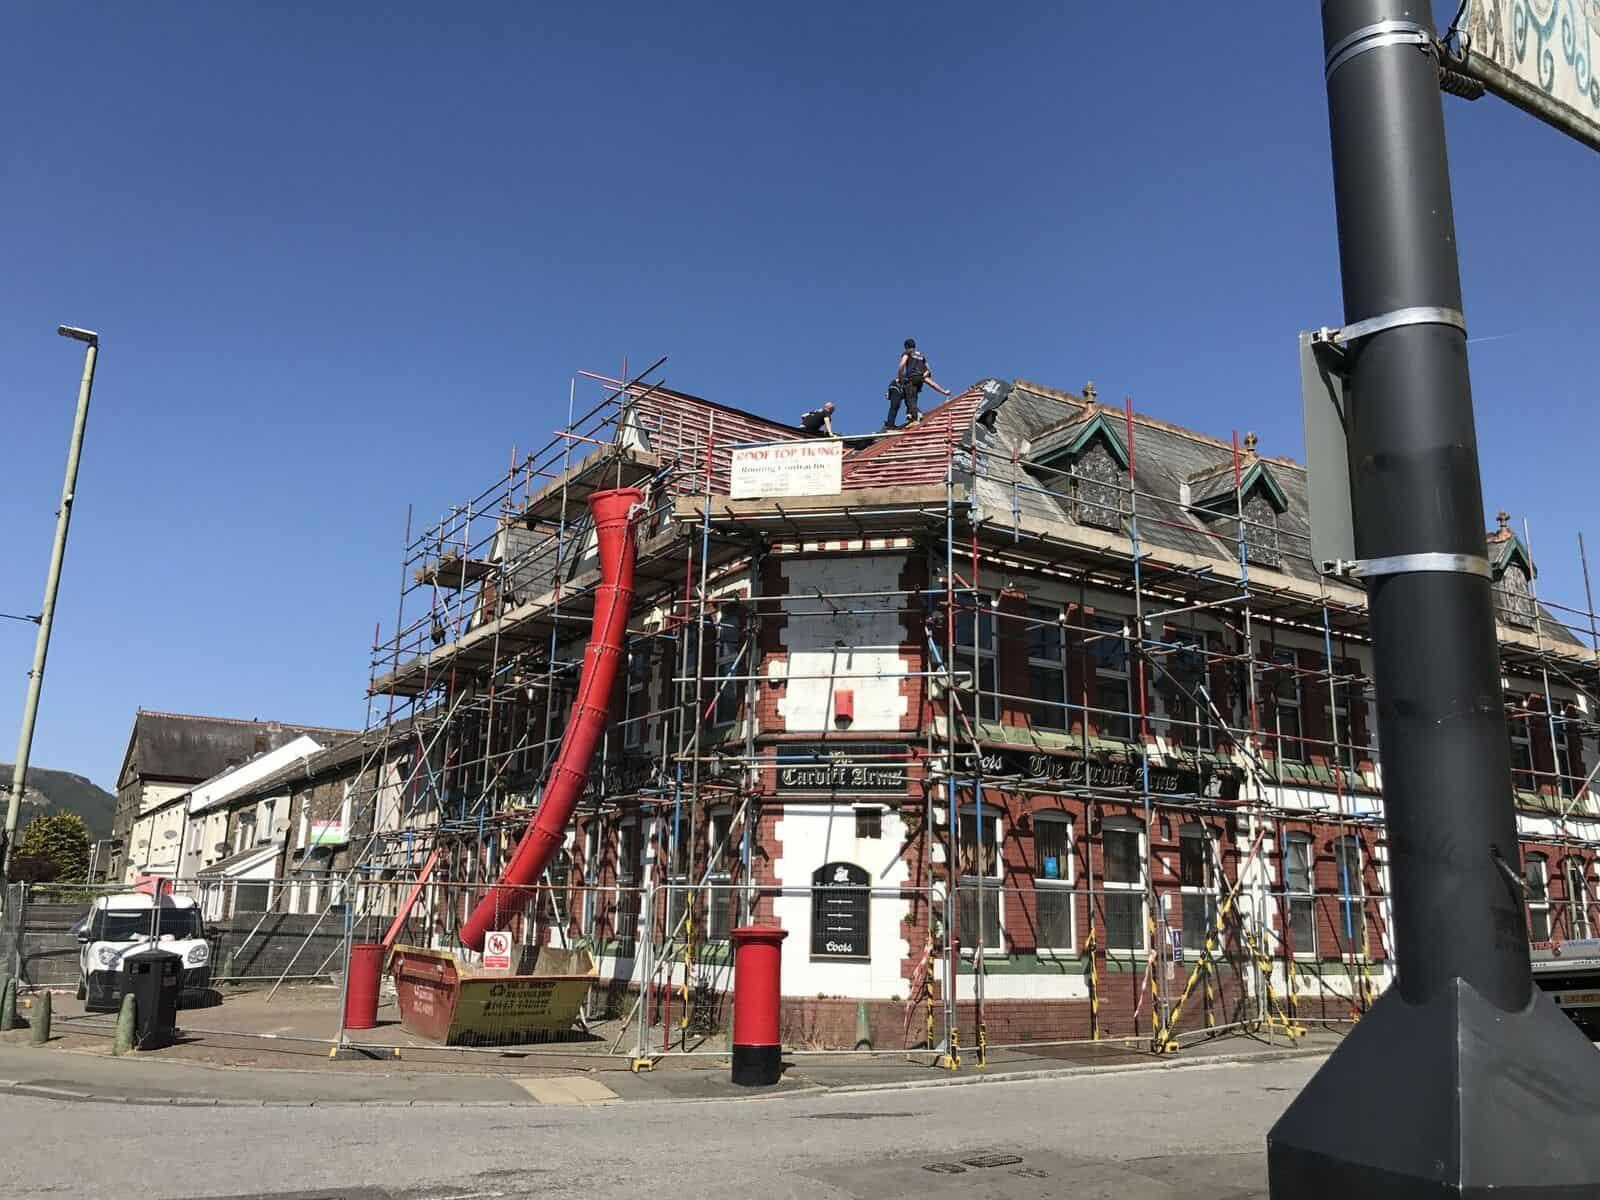 Verbouwing hotel Wales: 9% rente, 12 maanden, ca 20% LTV.